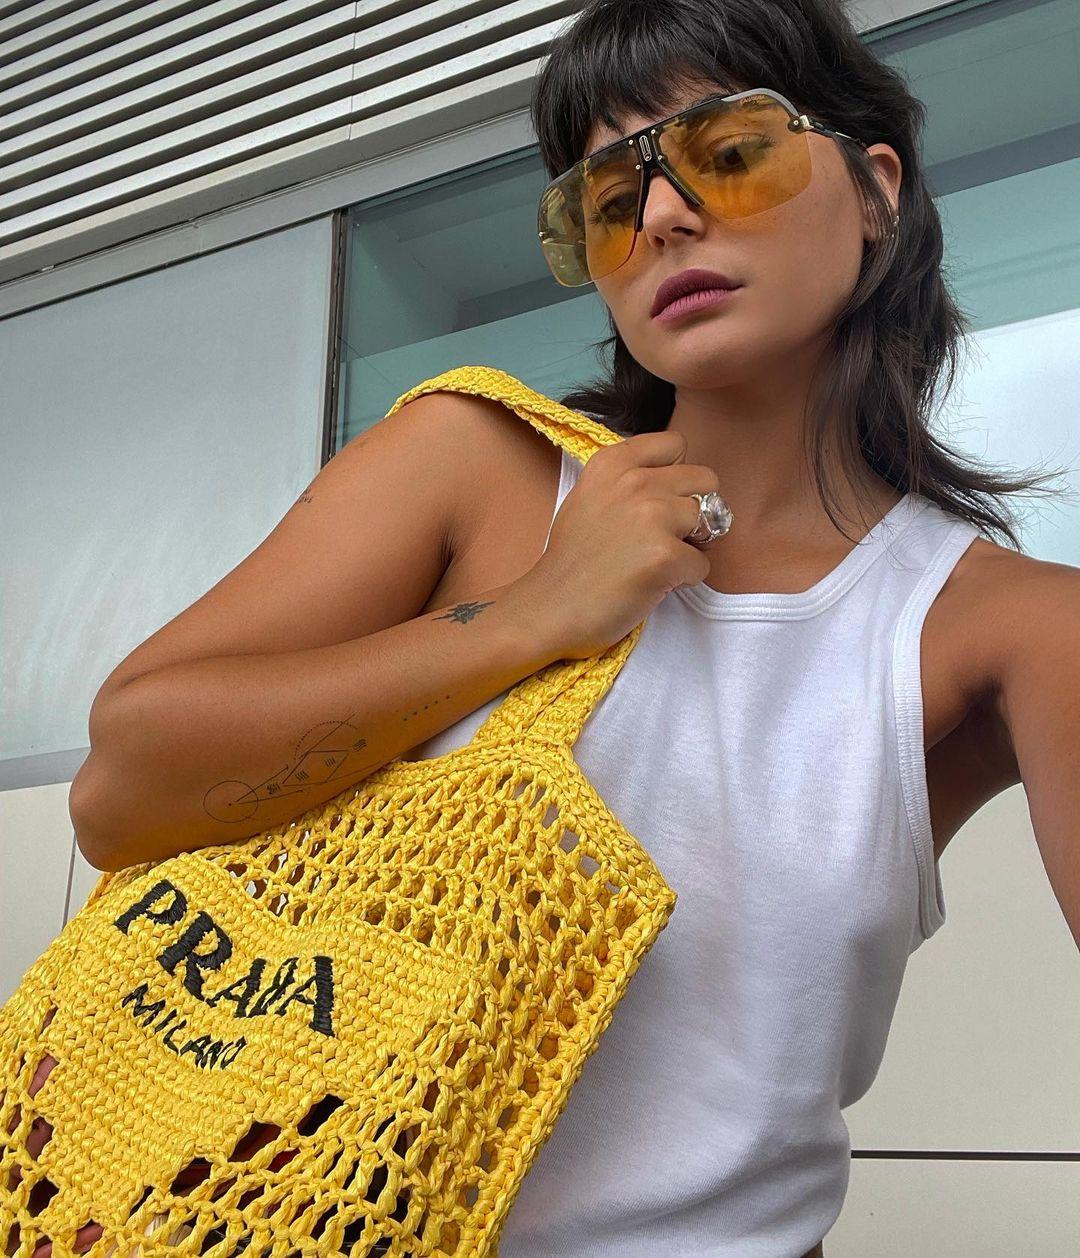 Bolsa de crochê da Prada é a nova queridinha das fashionistas; descubra valor da peça